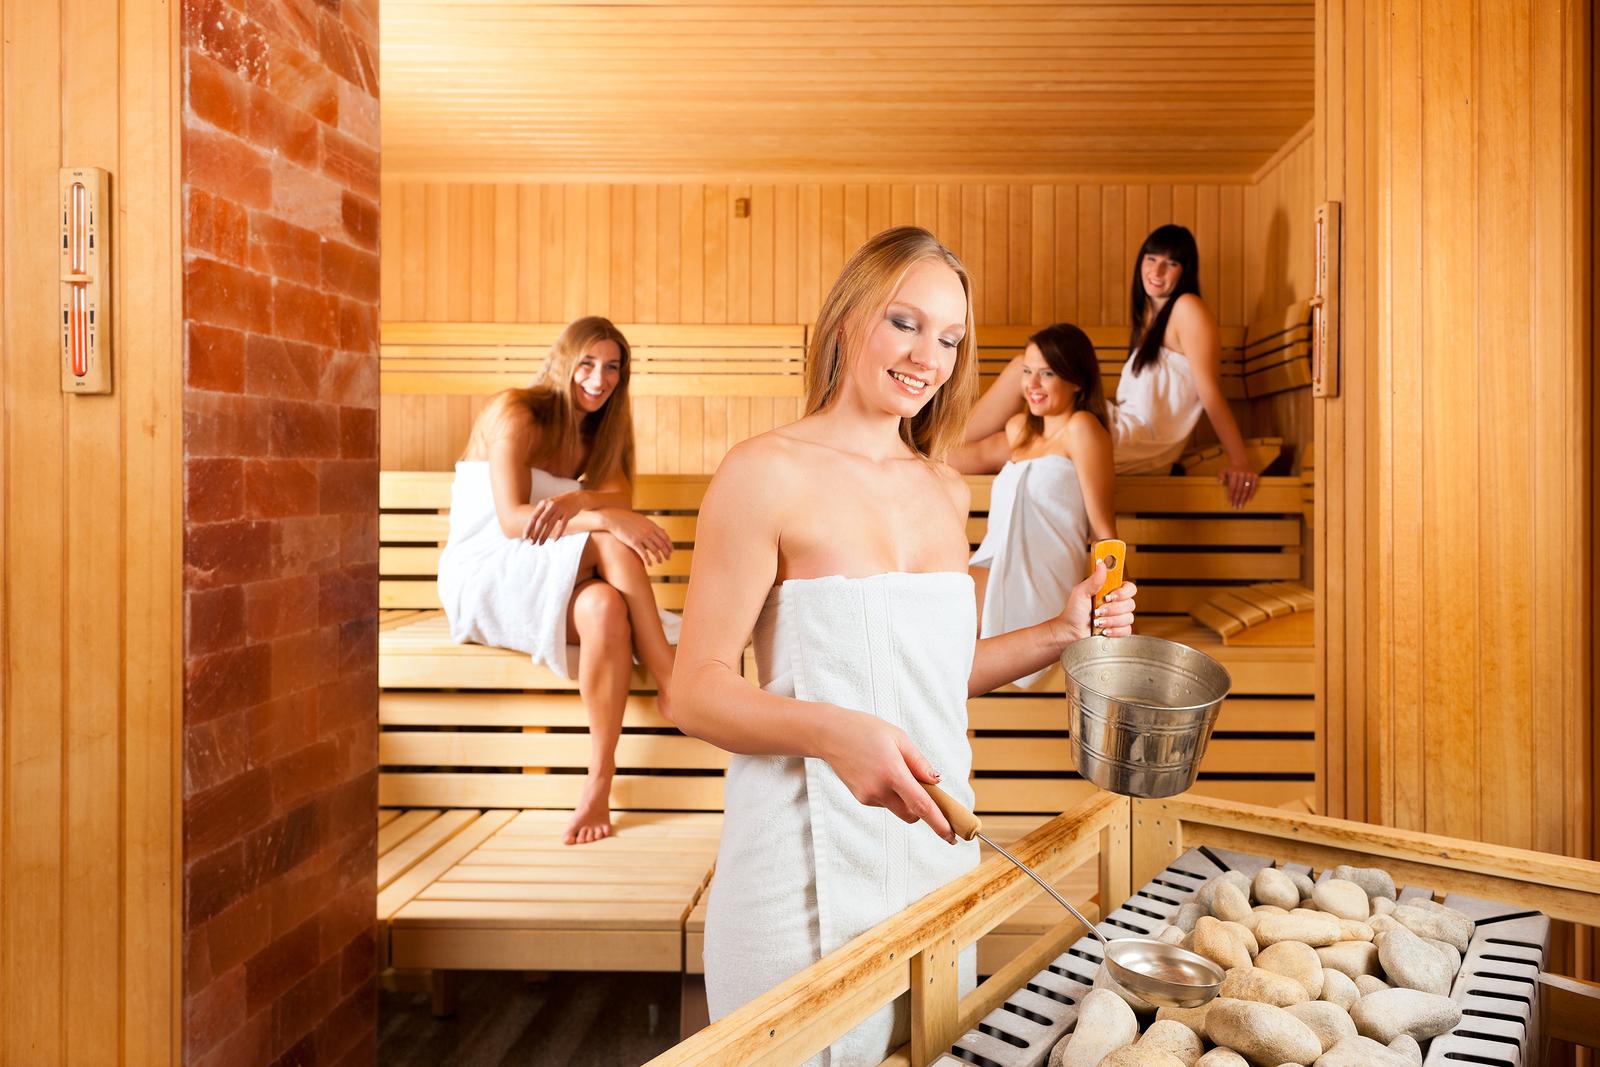 Праздник в бане 5 фотография